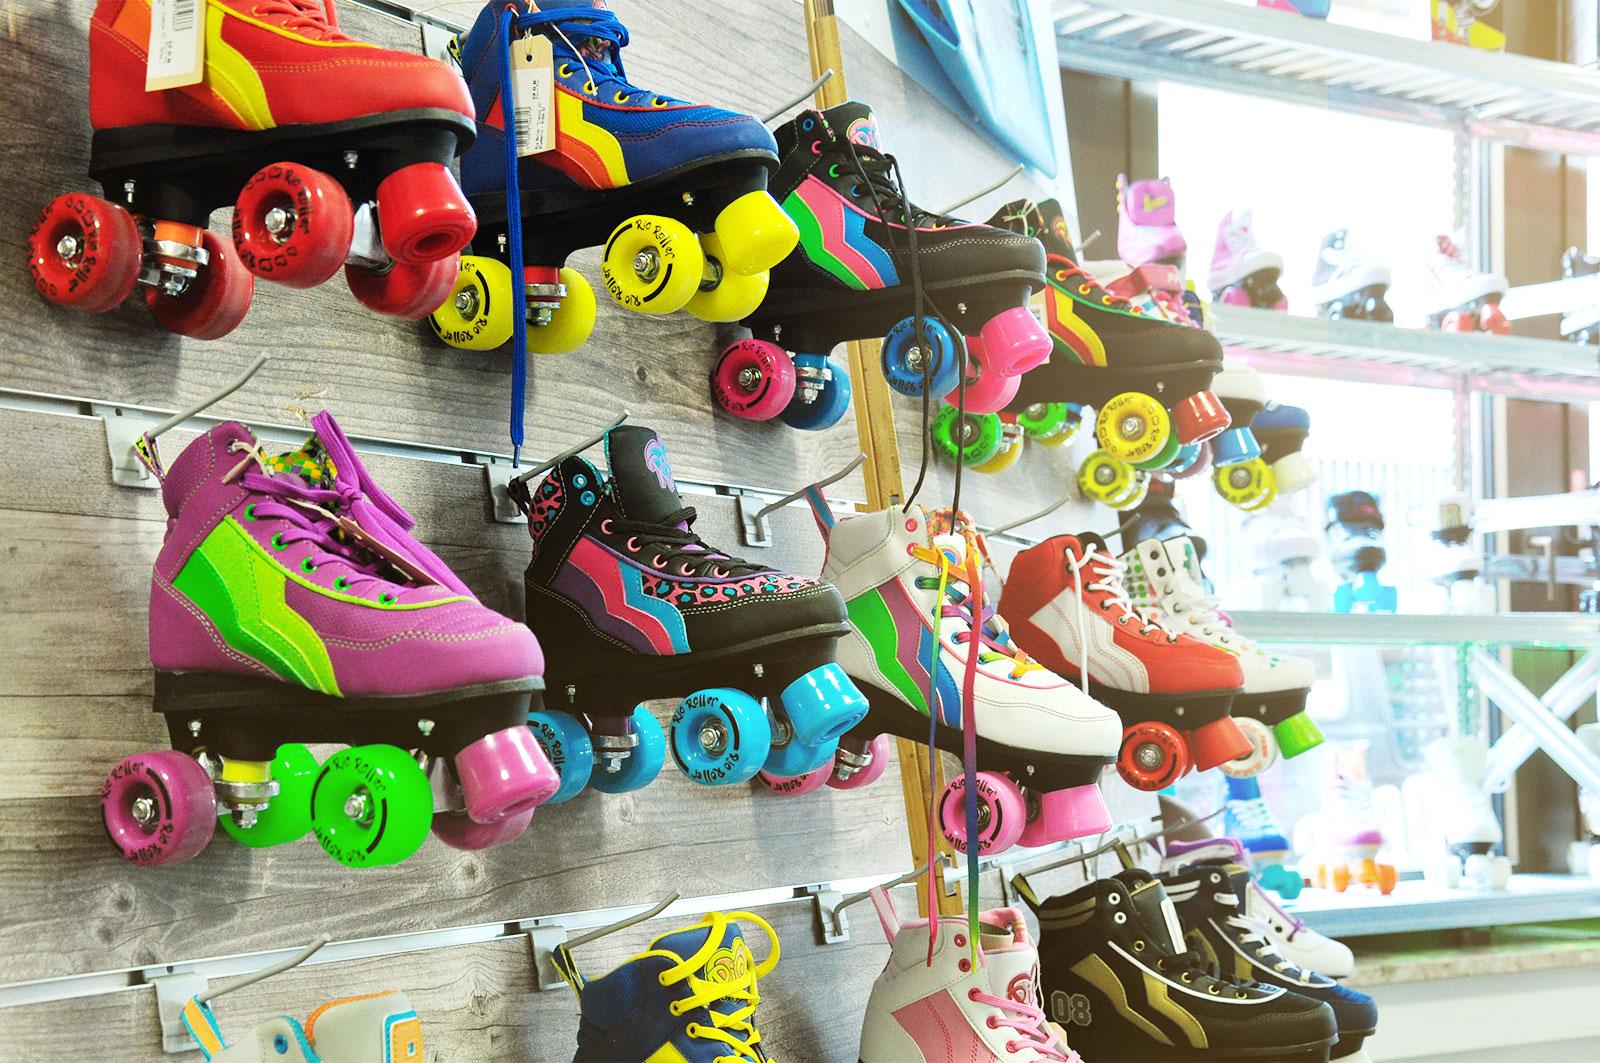 Offizieller Lieferant verschiedene Stile überlegene Materialien Funsport Shop in Hamburg - Rollerskates, Scooter, BMX, iSUPs ...